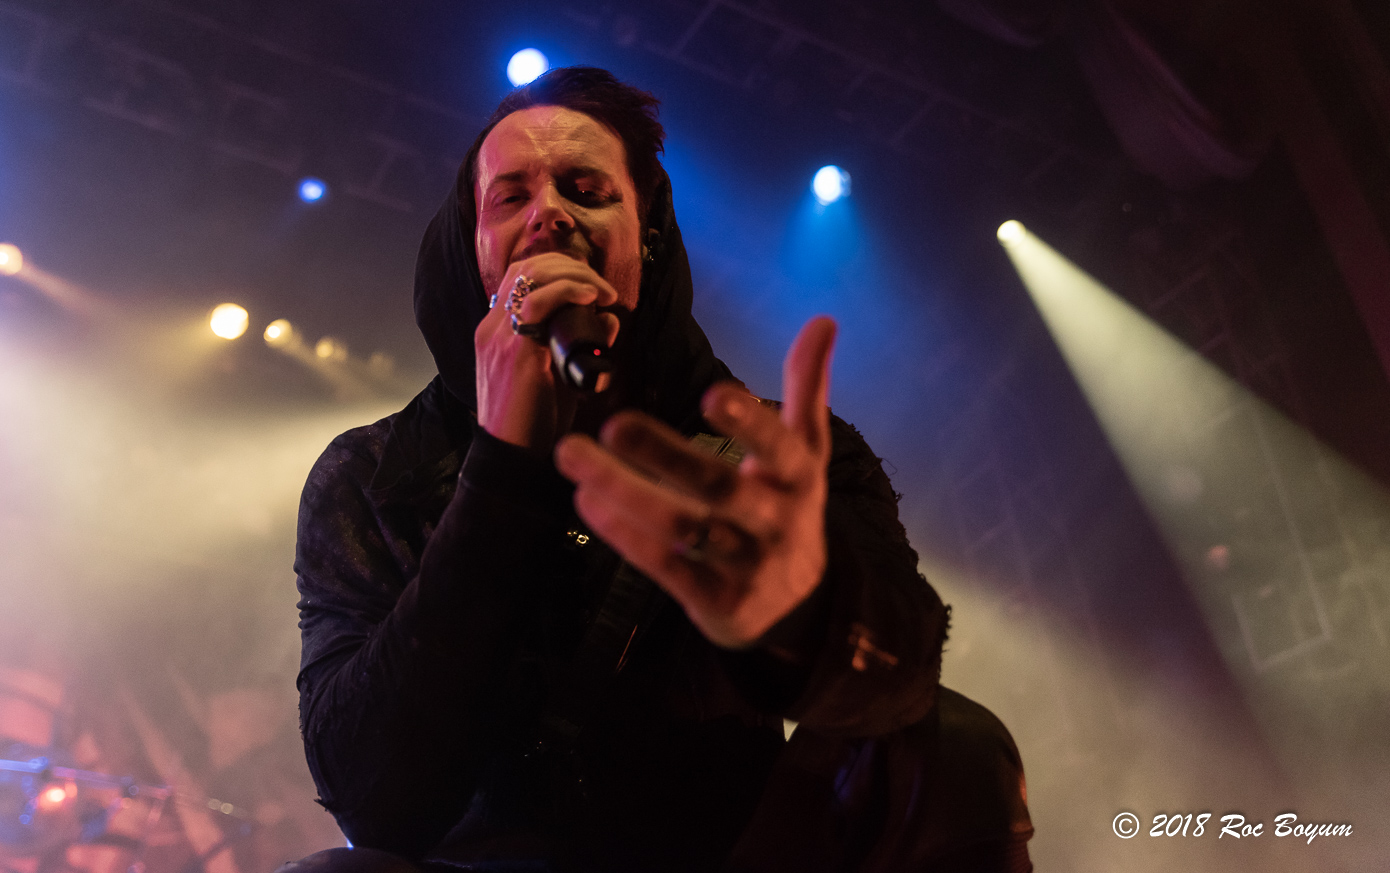 Kamelot Tommy Karevik Concert Reviews Concert Photography